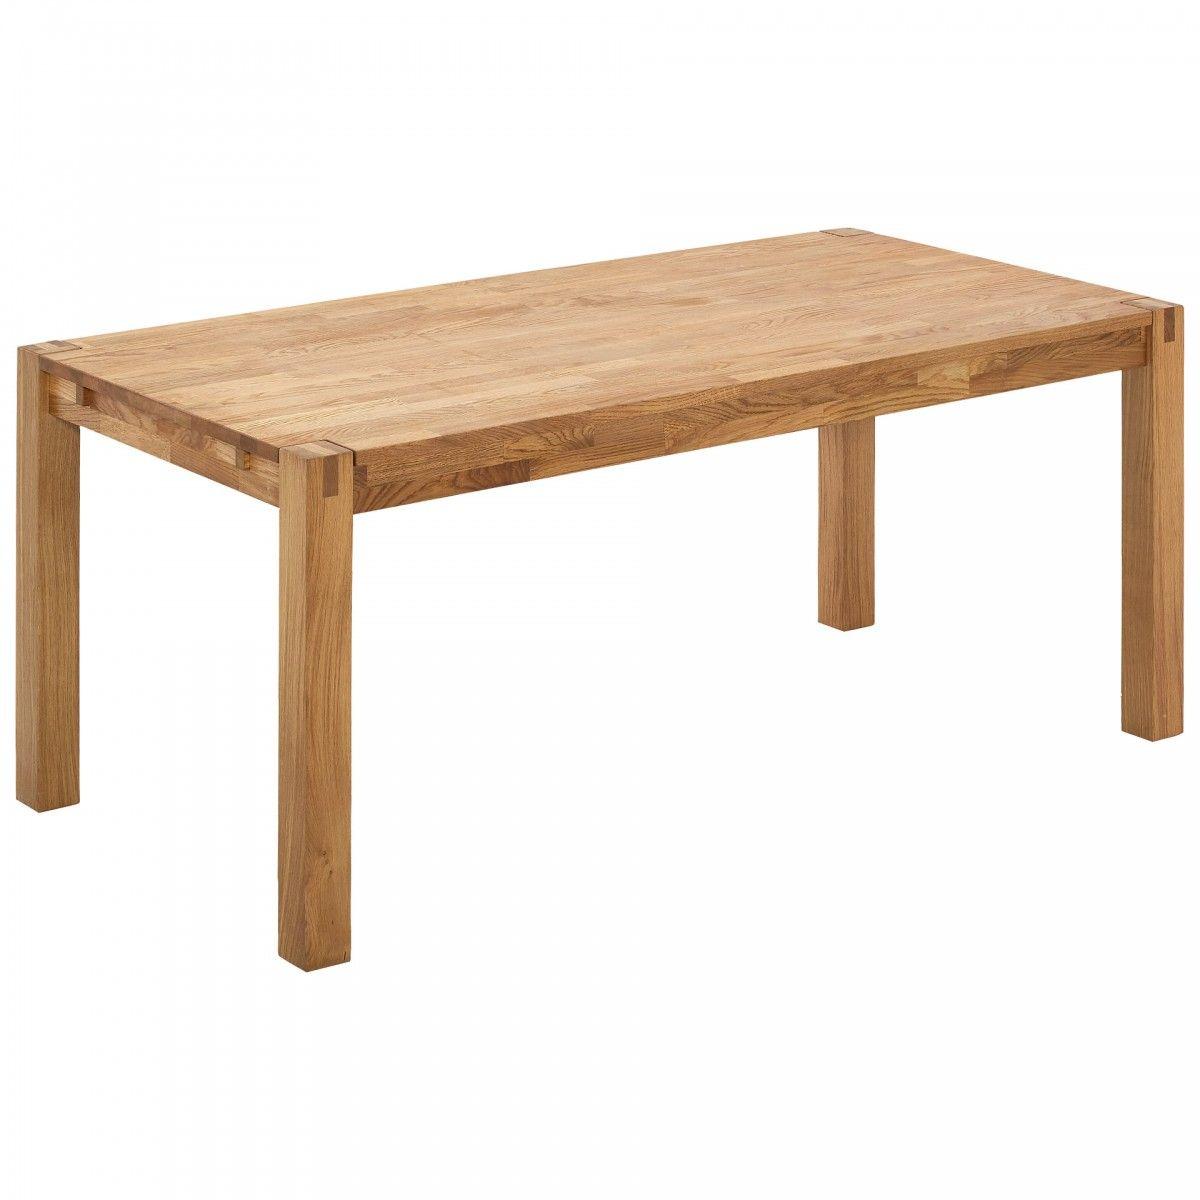 Esstisch Royal Oak 90x180 Eiche Geolt Erweiterbar Dining Bench Home Decor Furniture